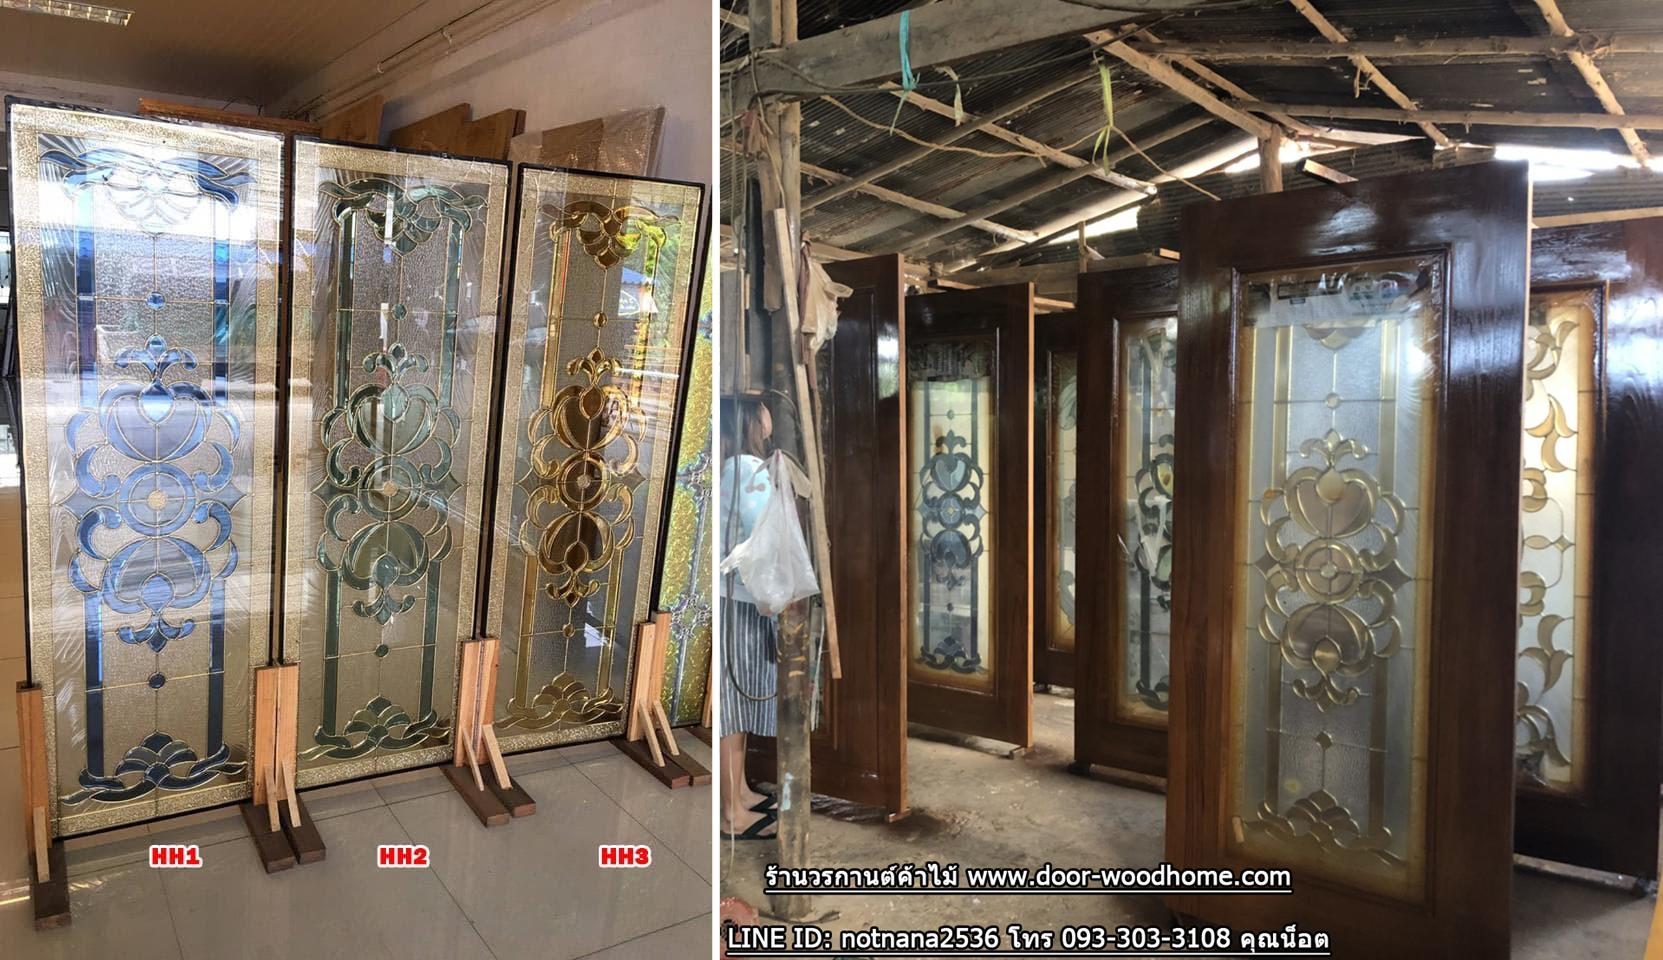 ประตูไม้สักกระจกนิรภัยเต็มบาน เกรดA รหัส A151